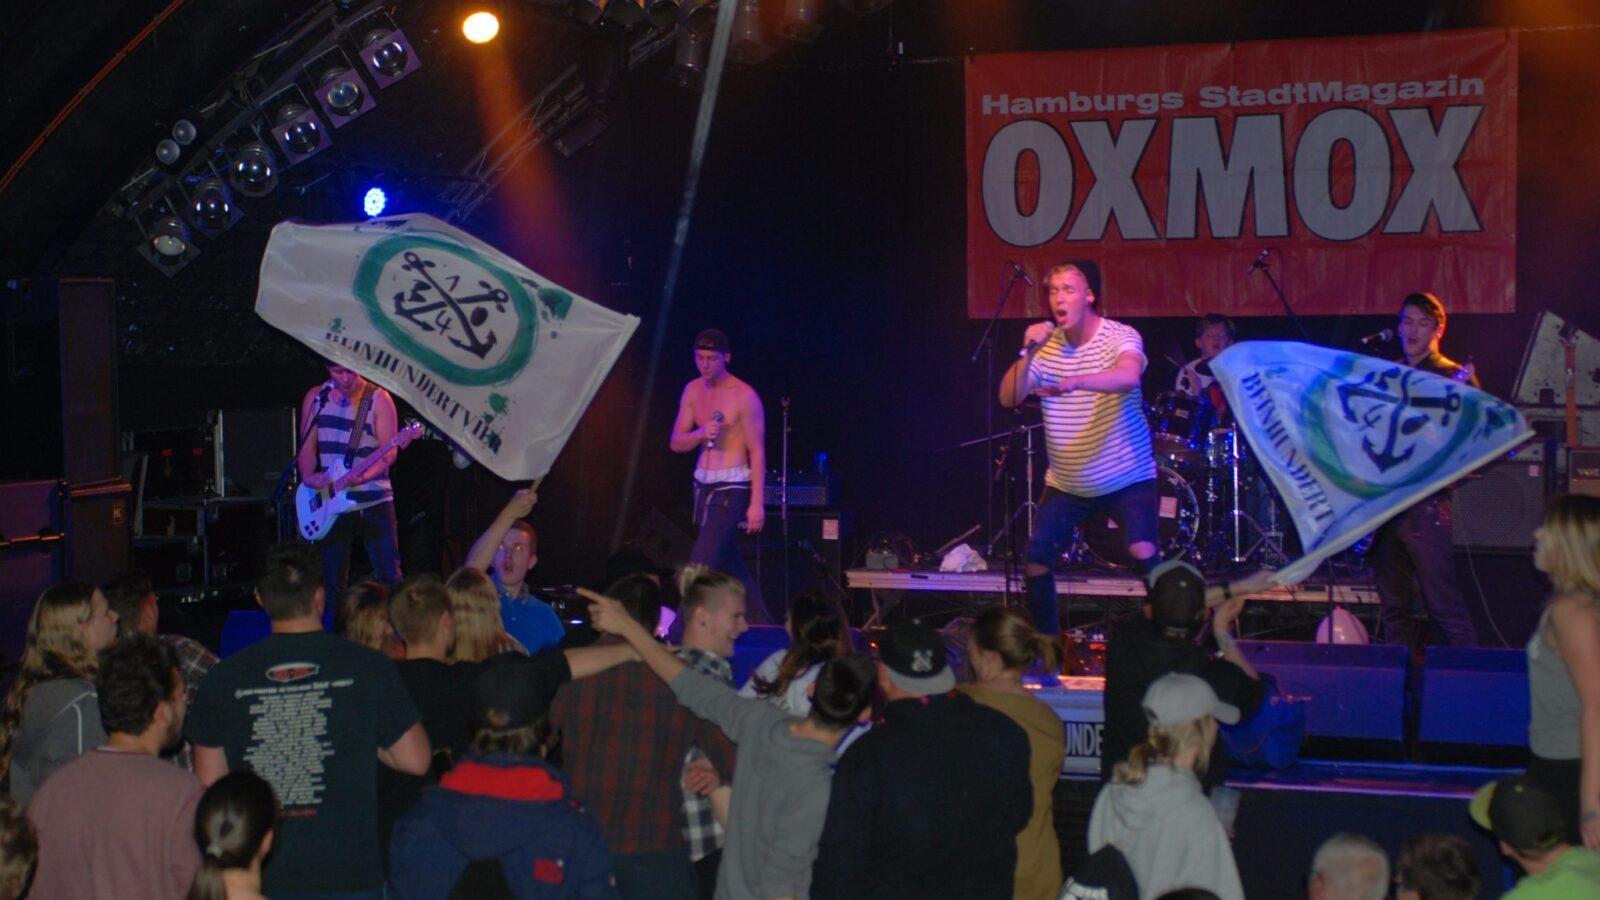 OXMOX PRESENTS: EXKL. FOTOS DES 32. HAMBURG-BANDCONTEST FINALES (12.10.17)